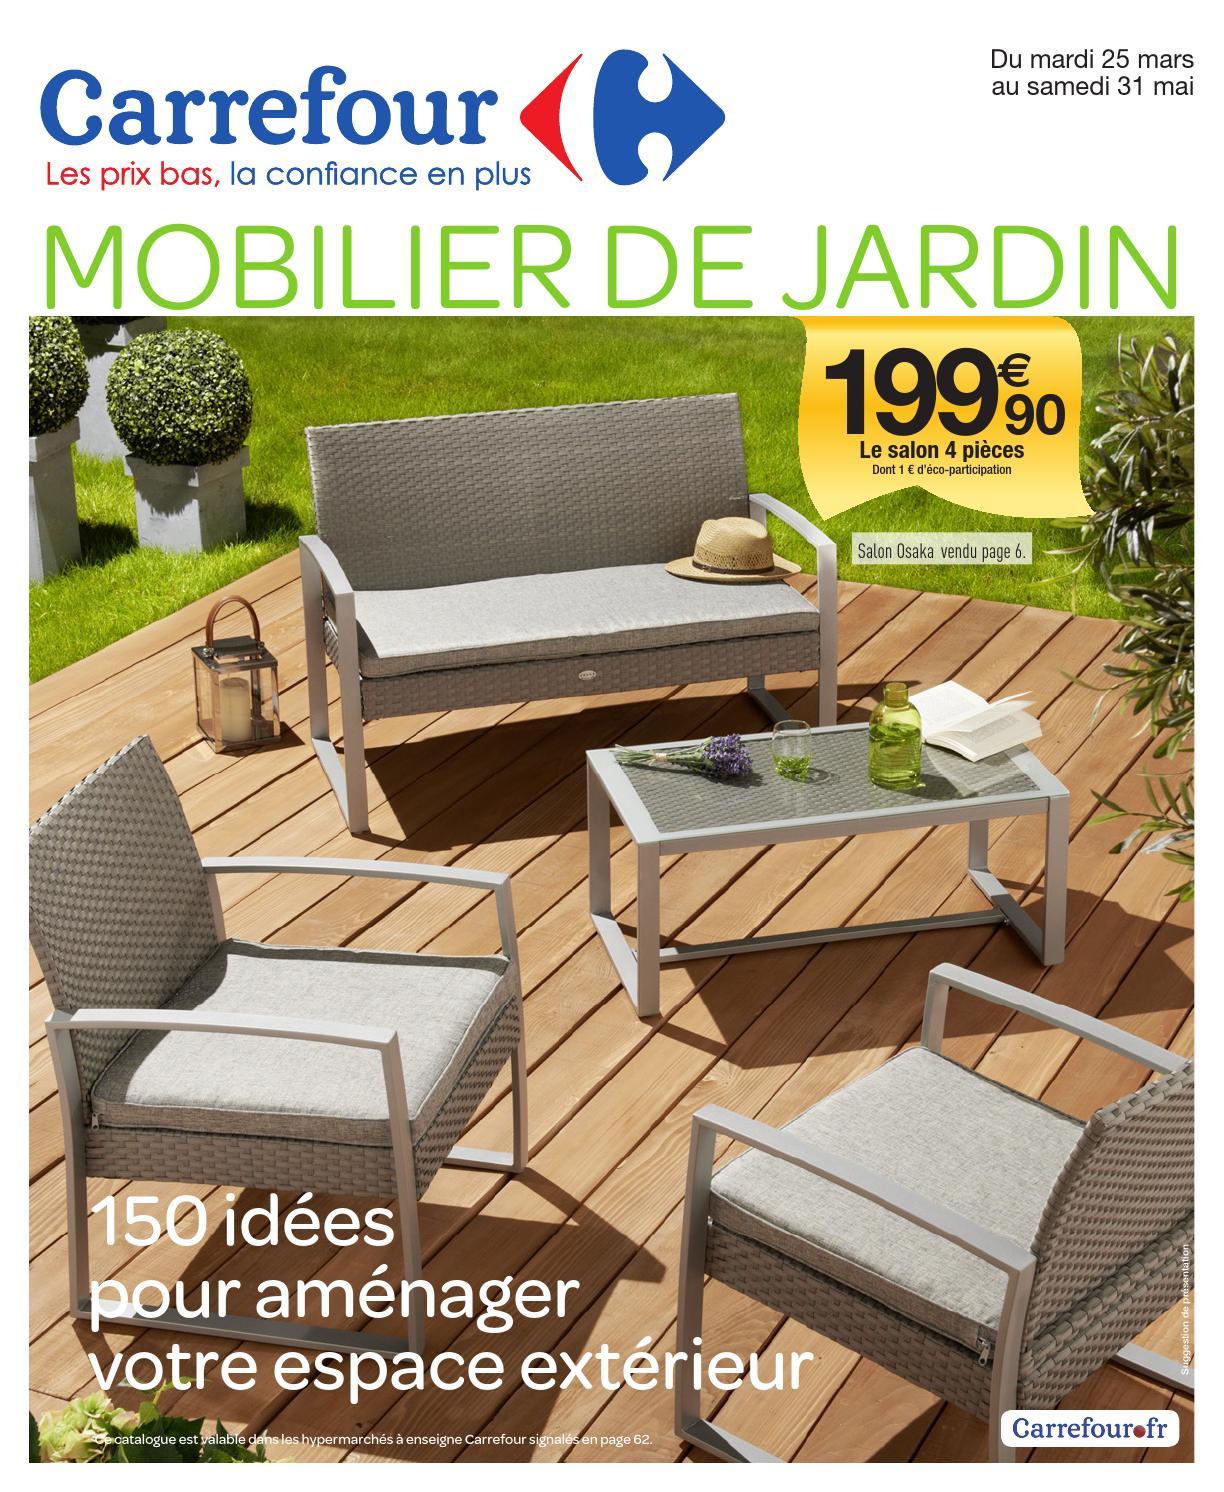 Catalogue Carrefour - 25.03-31.05.2014 By Joe Monroe - Issuu avec Coffre De Toit Carrefour